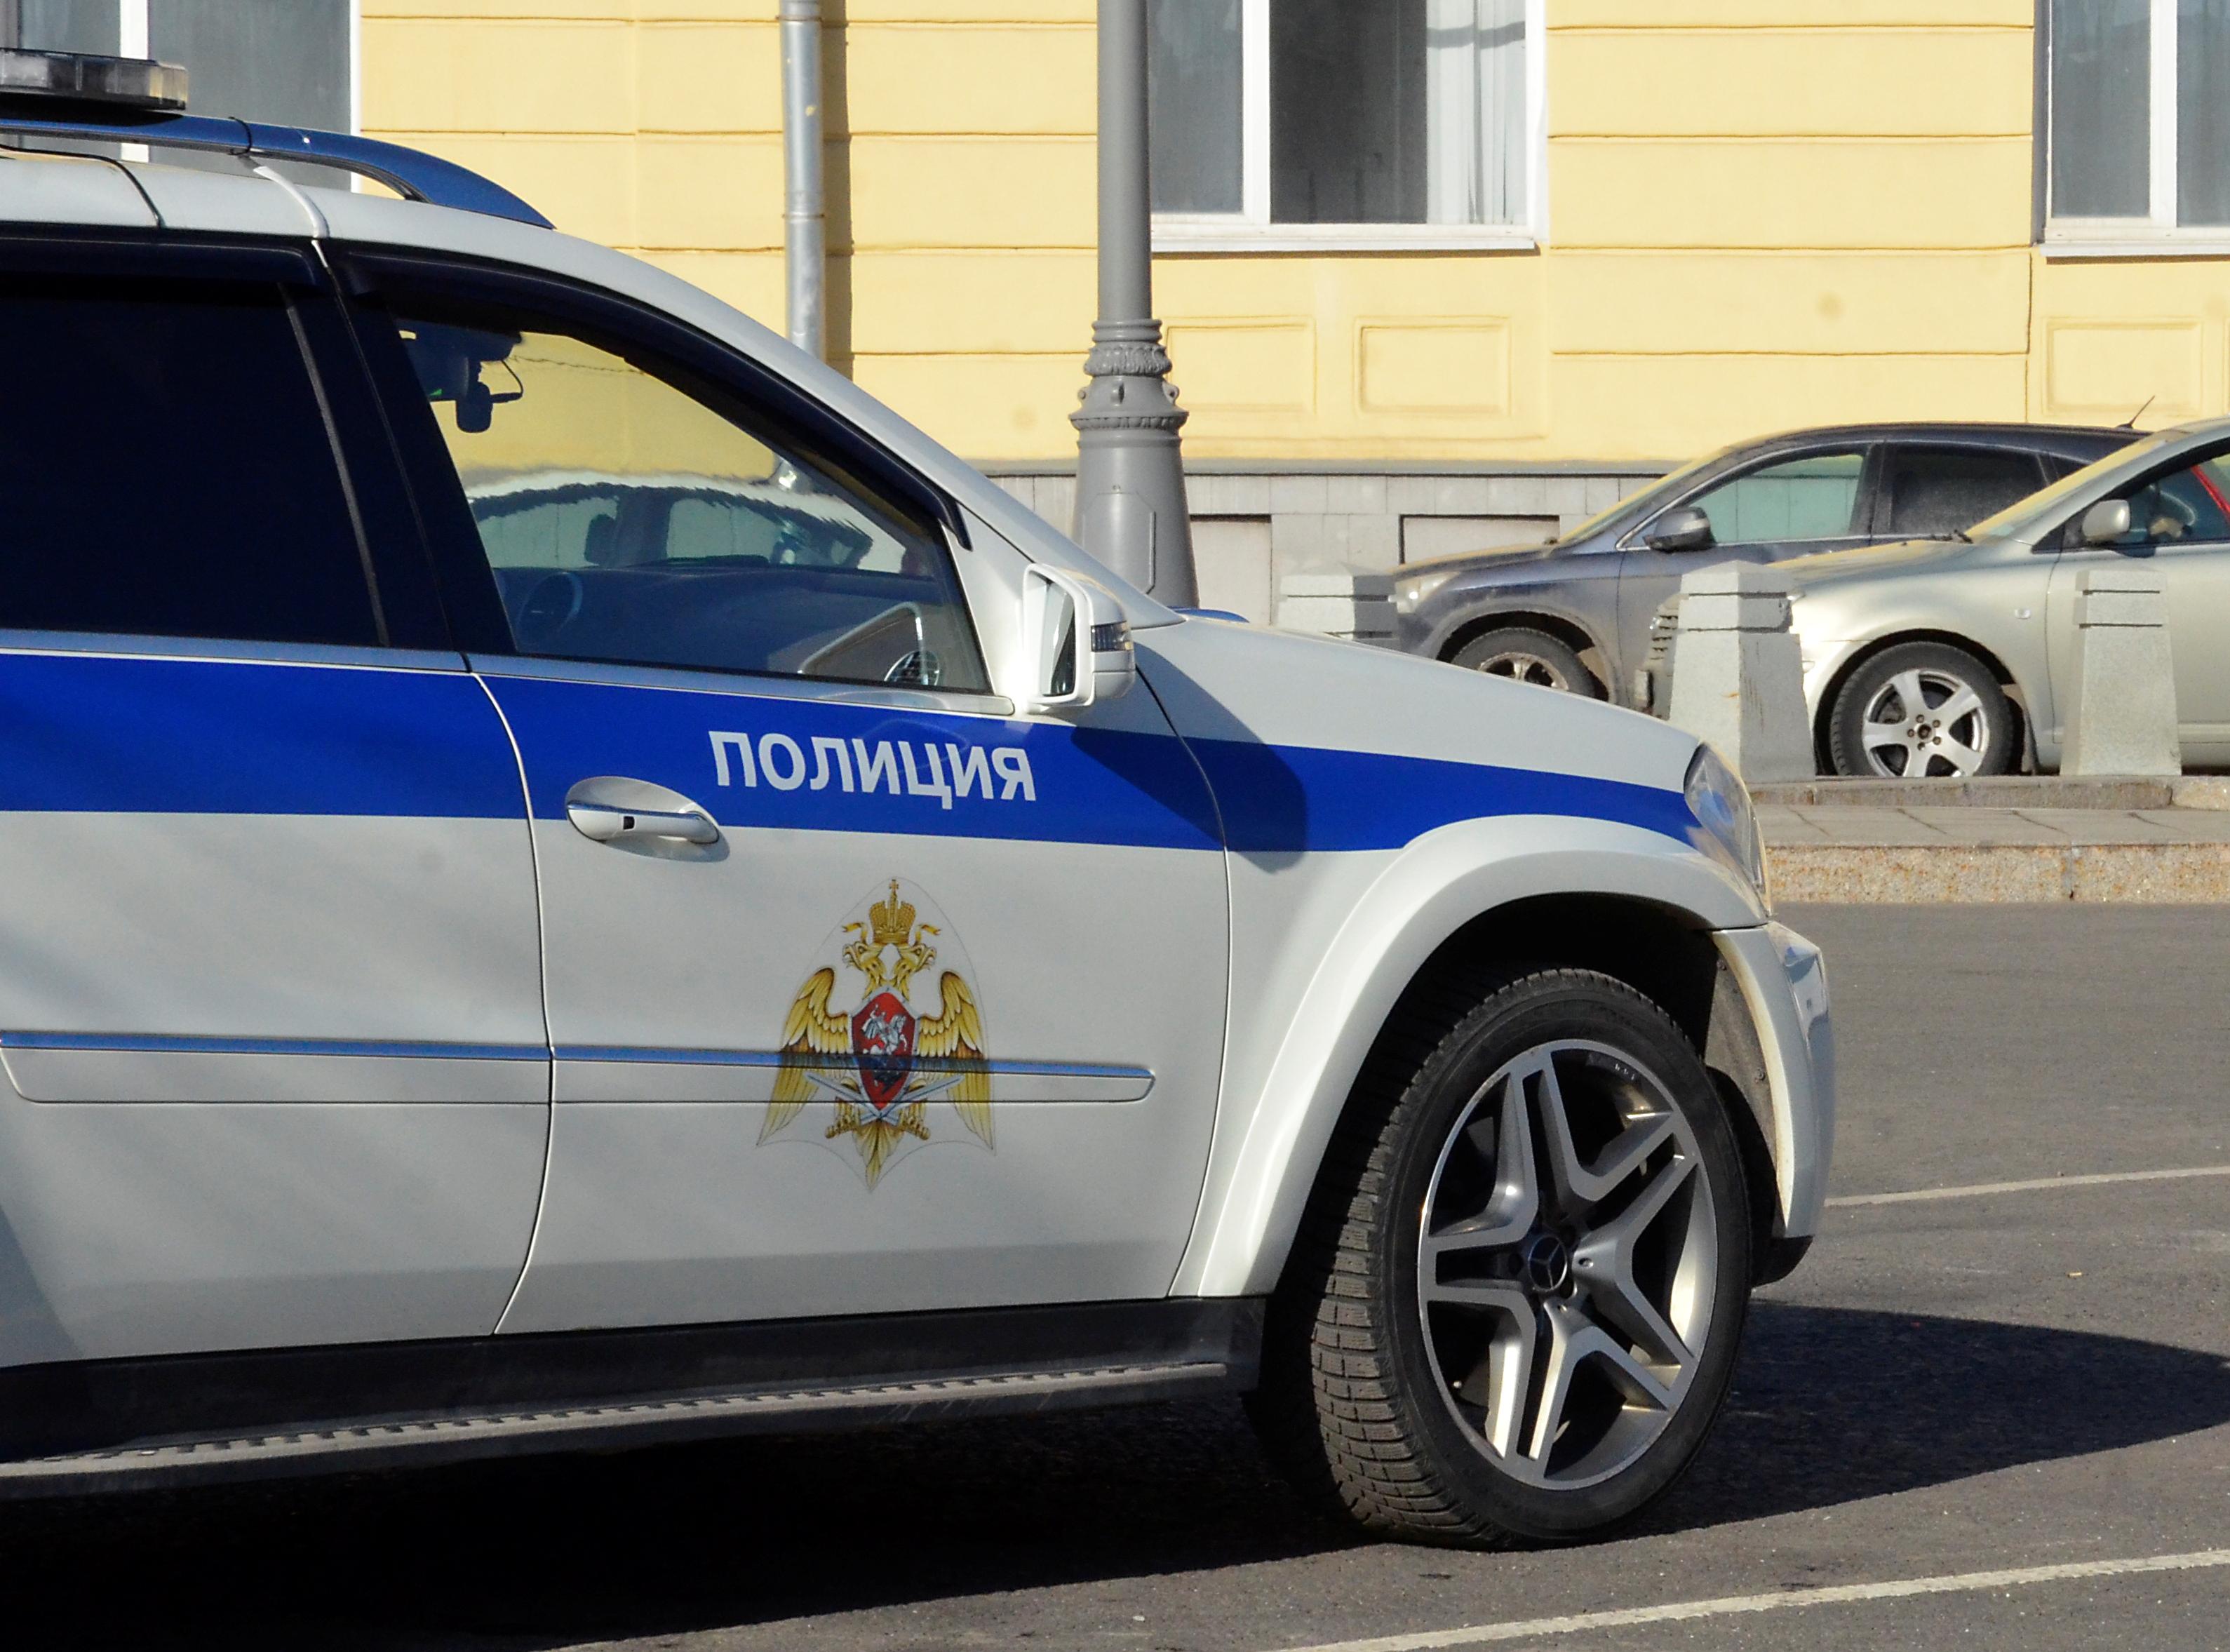 Полицейскими ОМВД России по Нагорному району задержана женщина, находившаяся в федеральном розыске